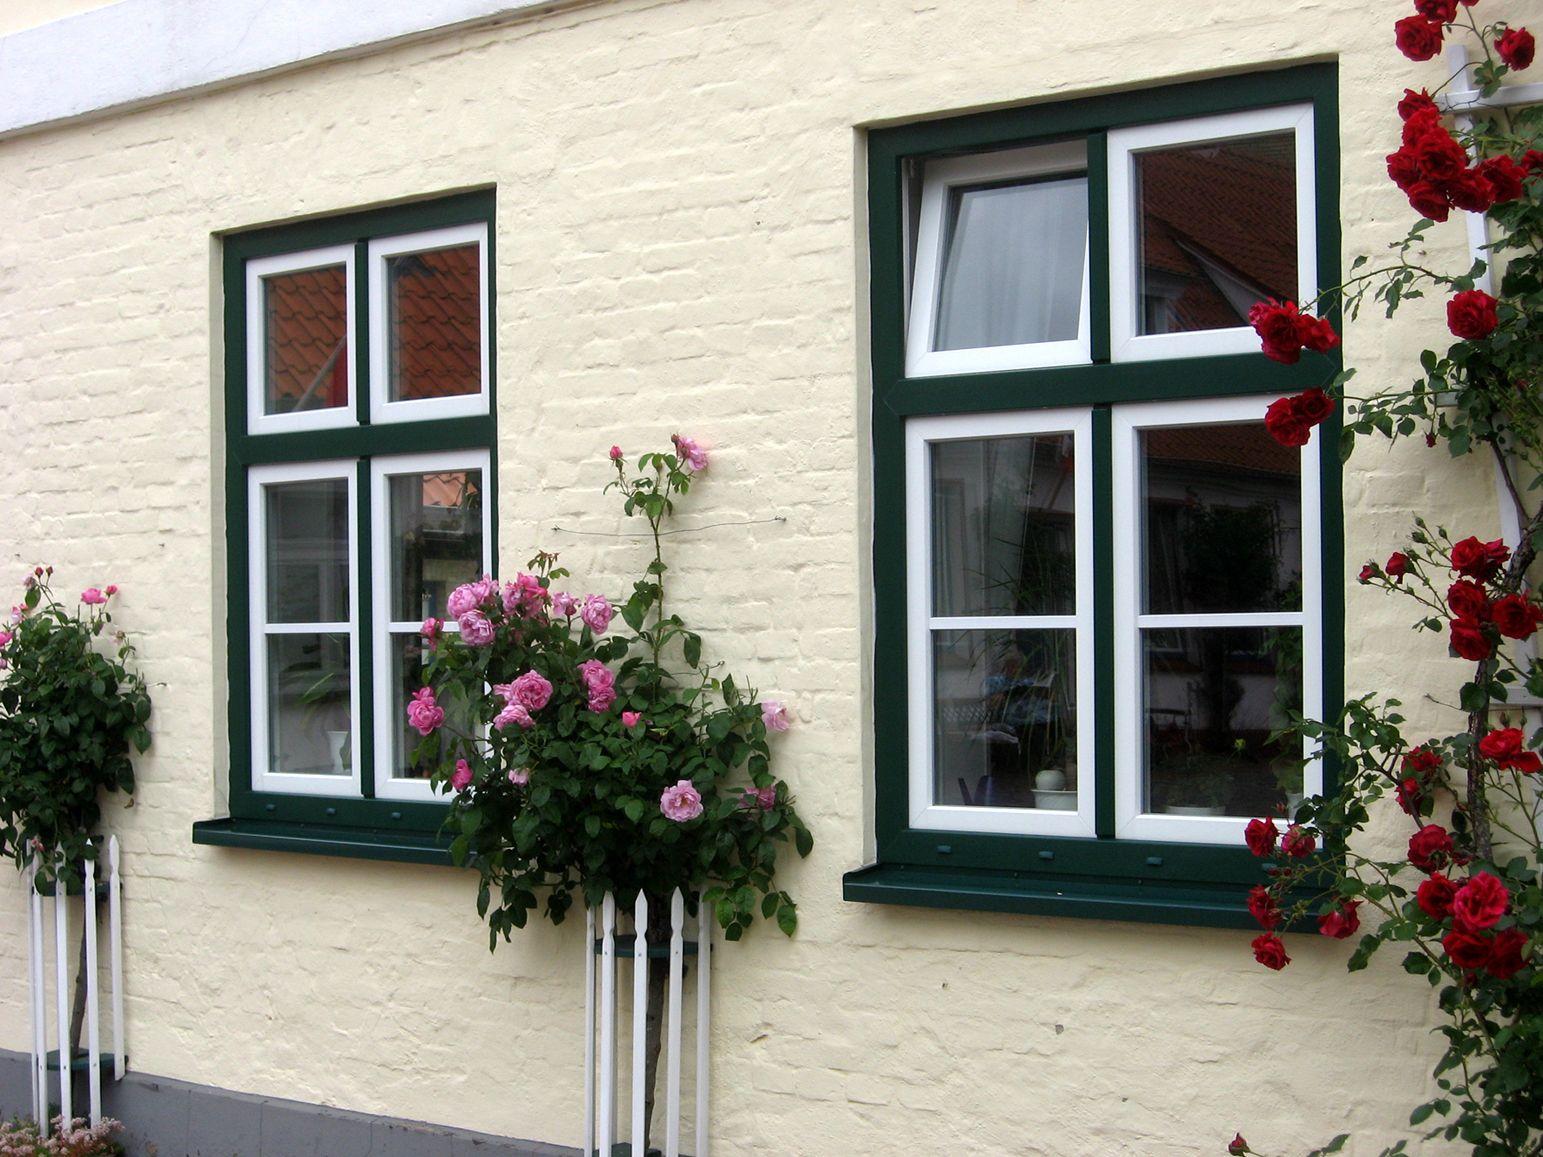 Fassadengestaltung einfamilienhaus grün  So schön können bunte Fenster und Türen sein. (Fotos: VFF/Renolit ...